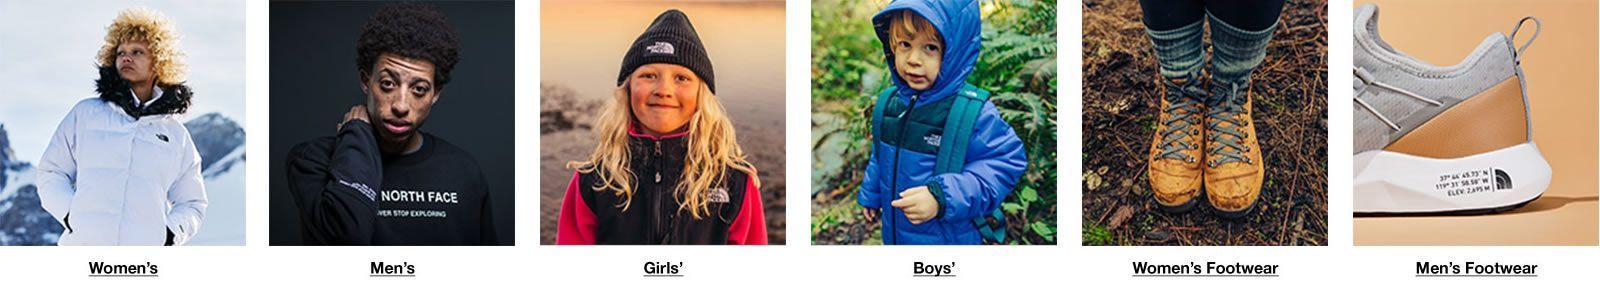 Women's, Men's, Girls, Boys, Women's Footwear, Men's Footwear